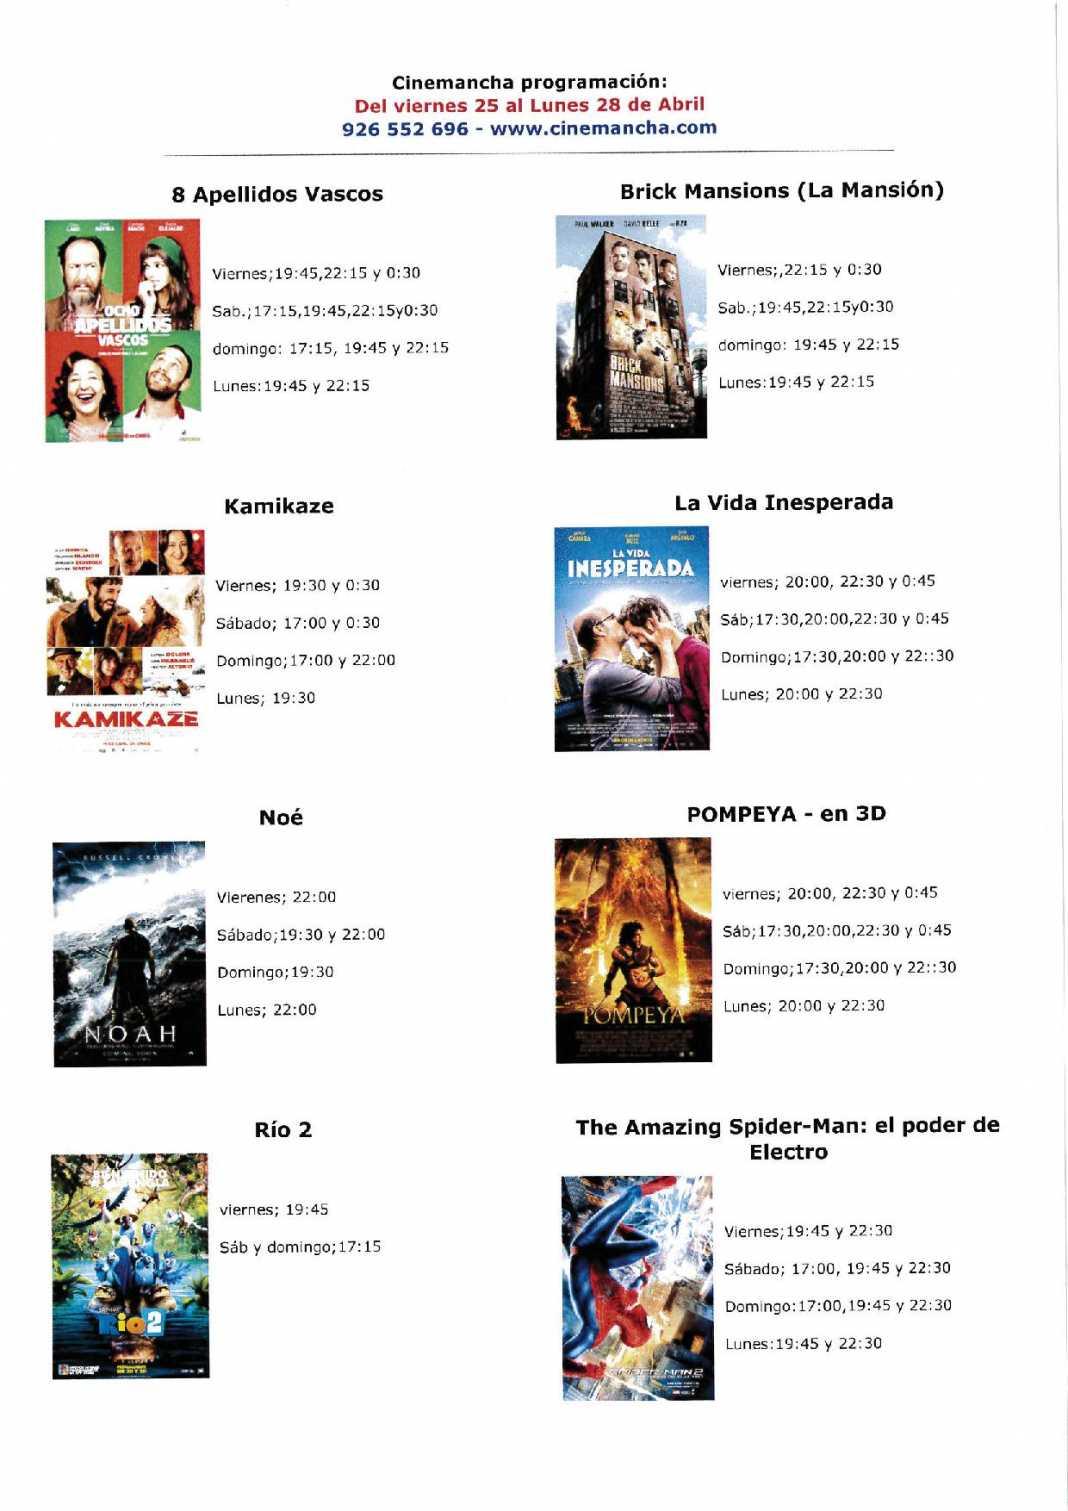 MX 2310U 20140424 124218 1068x1511 - Programación Cinemancha del viernes 25 al lunes 28 de abril